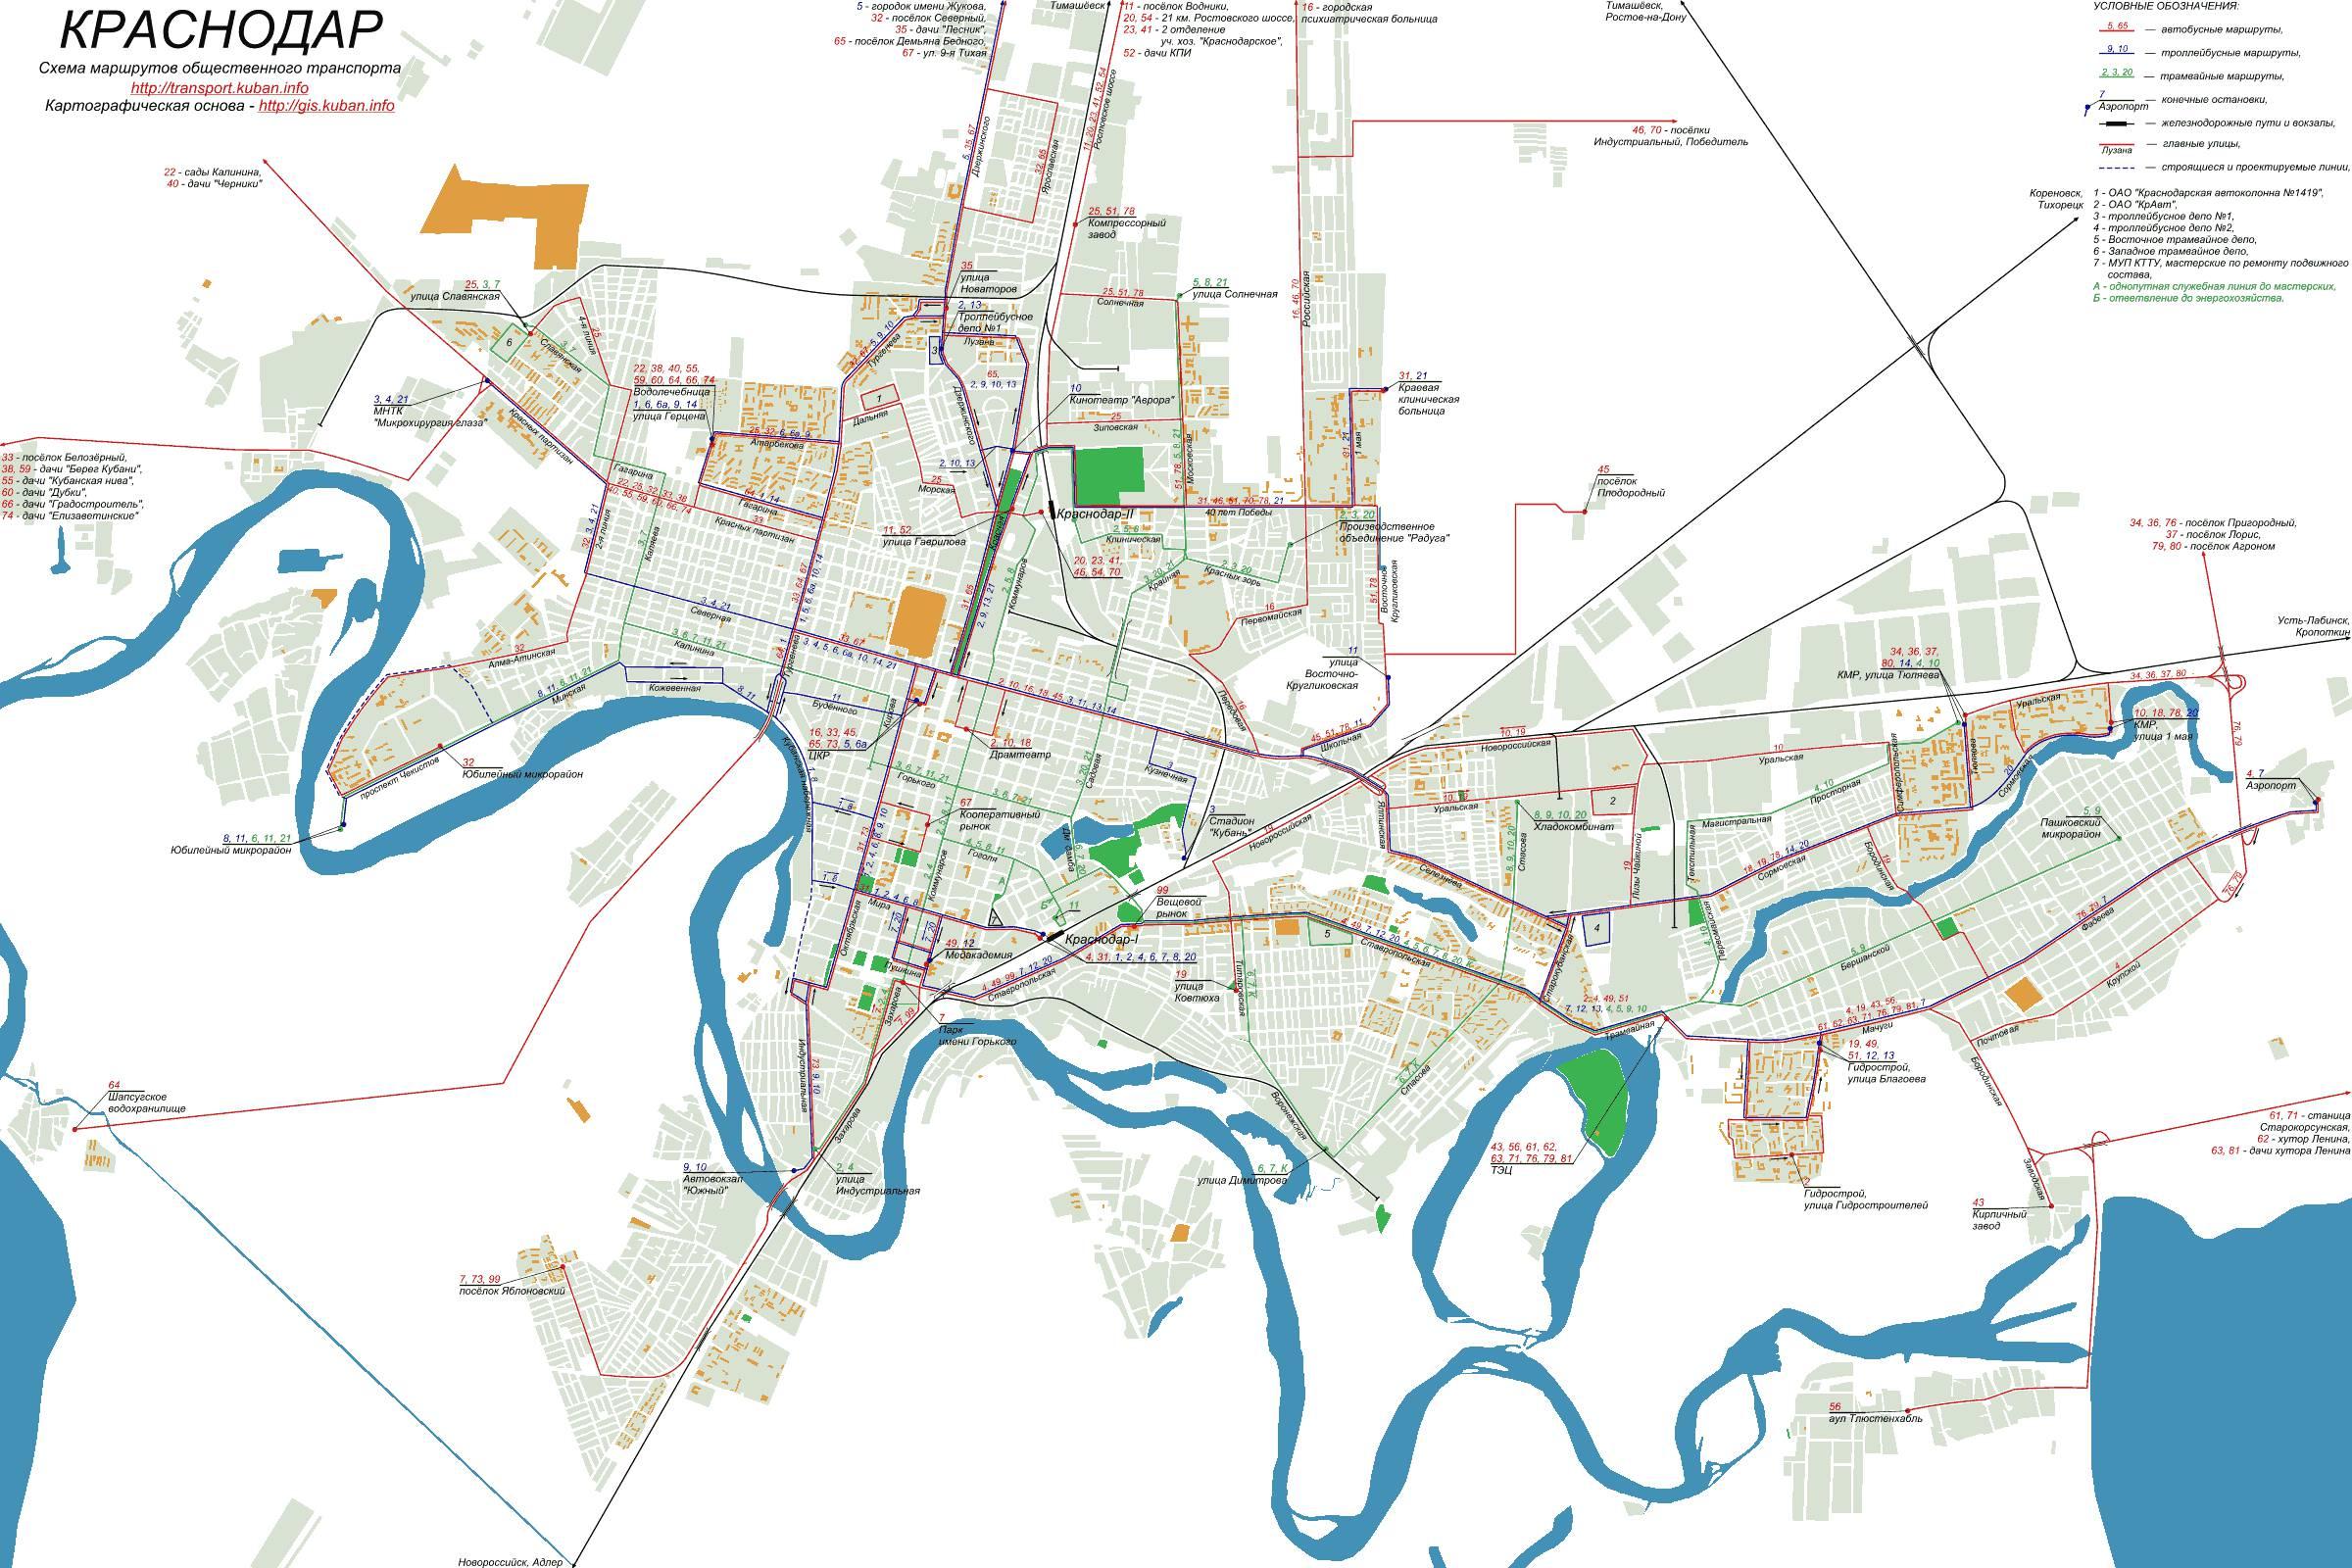 подробная карта города краснодара с улицами фото кен схватил